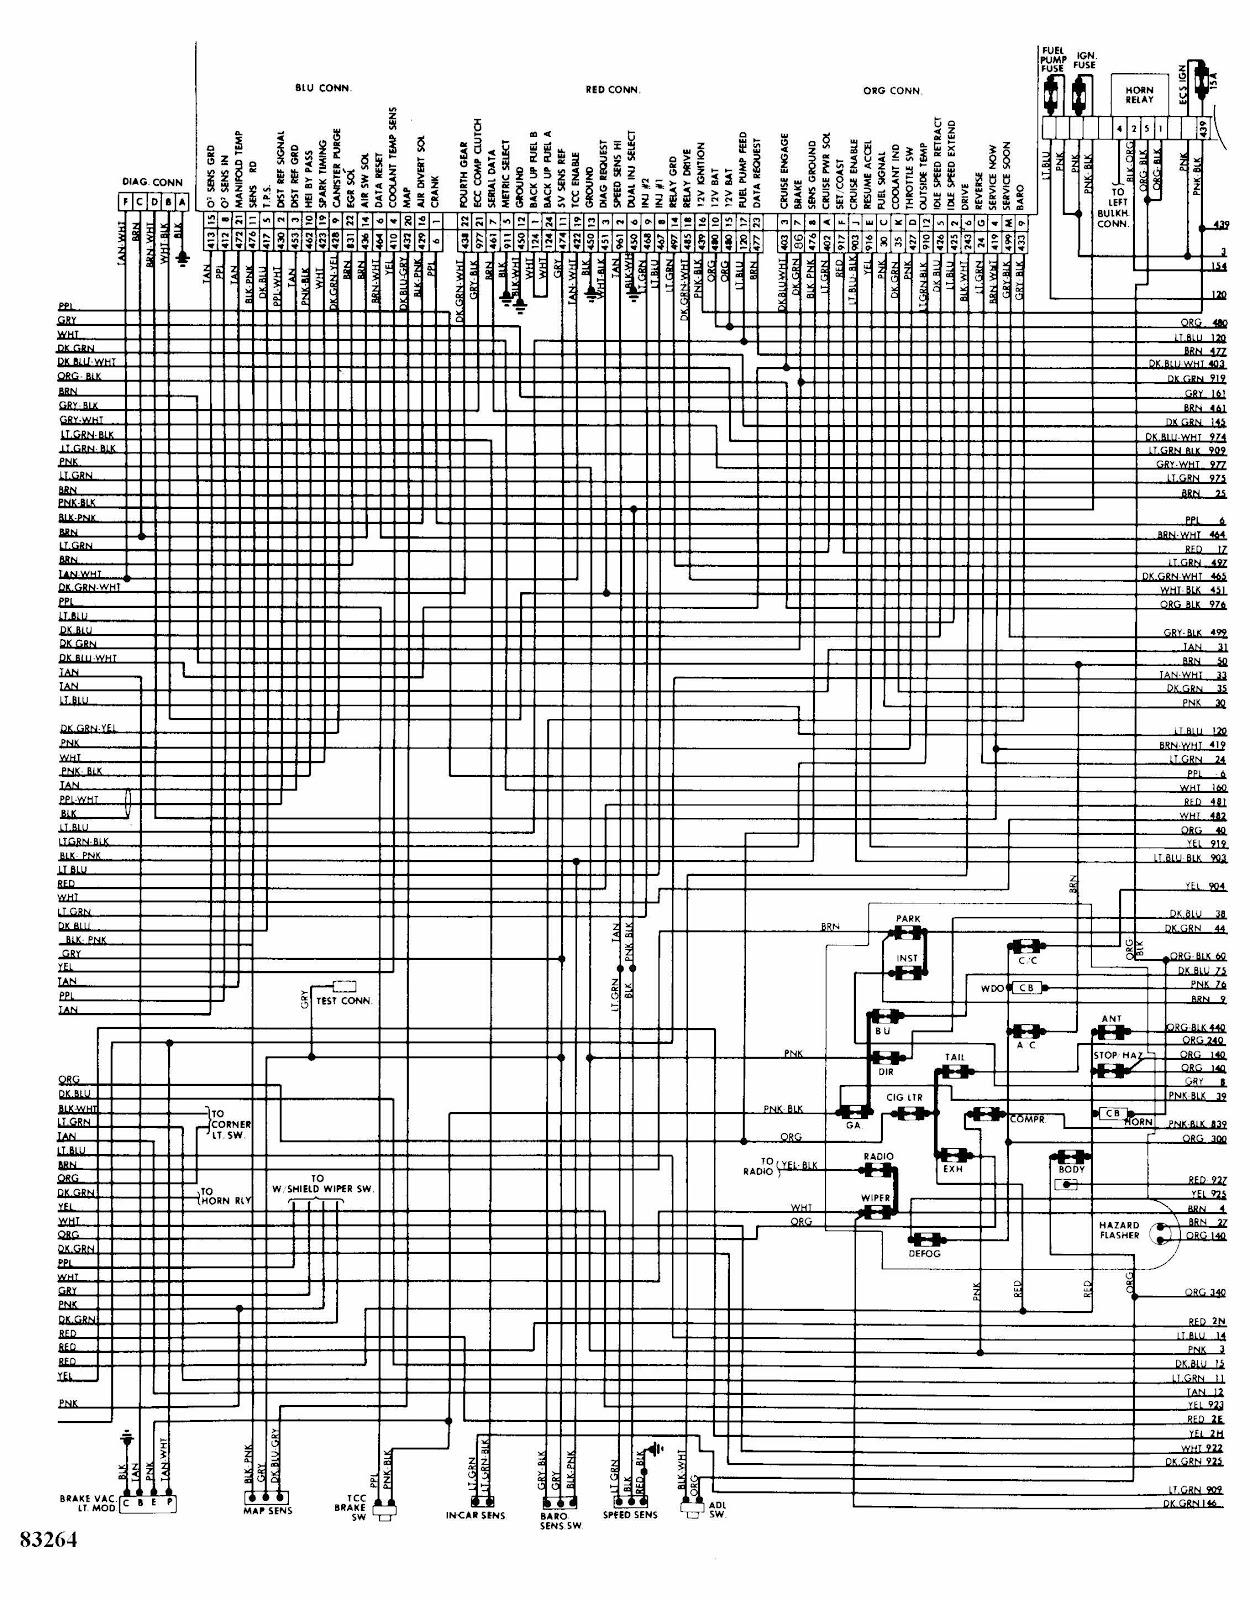 1982 buick regal wiring diagram 1982 bmw 320i wiring 1990 bmw 320i 1990 bmw 320i [ 1250 x 1600 Pixel ]